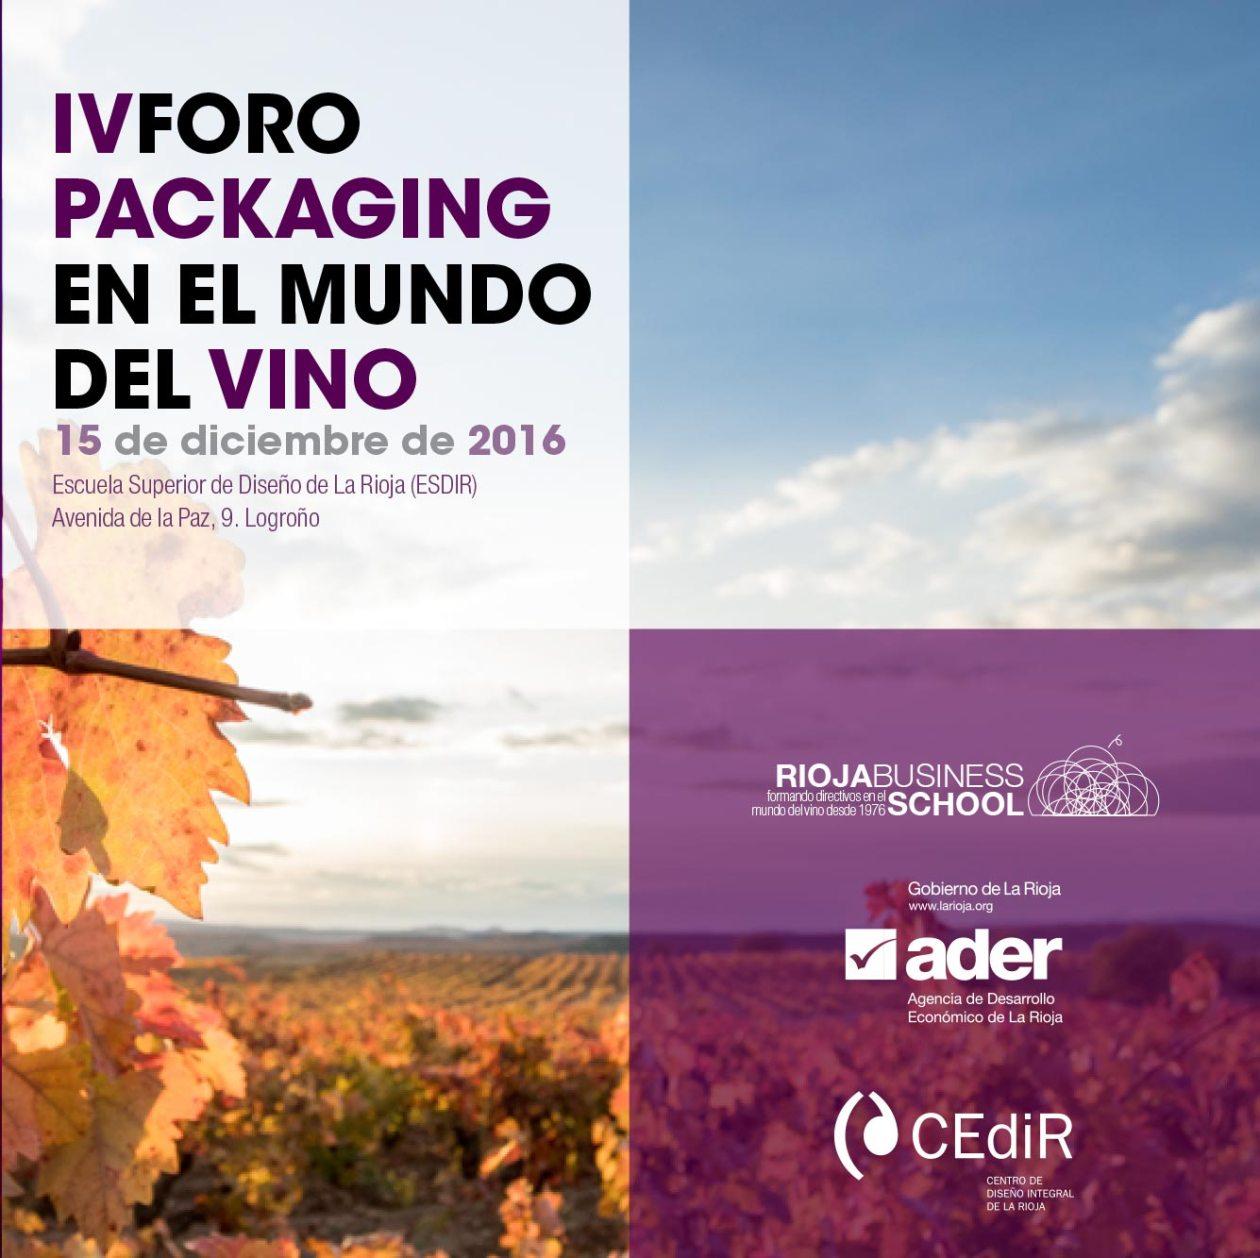 iv-foro-packaging-del-vino_1480863487.jpeg